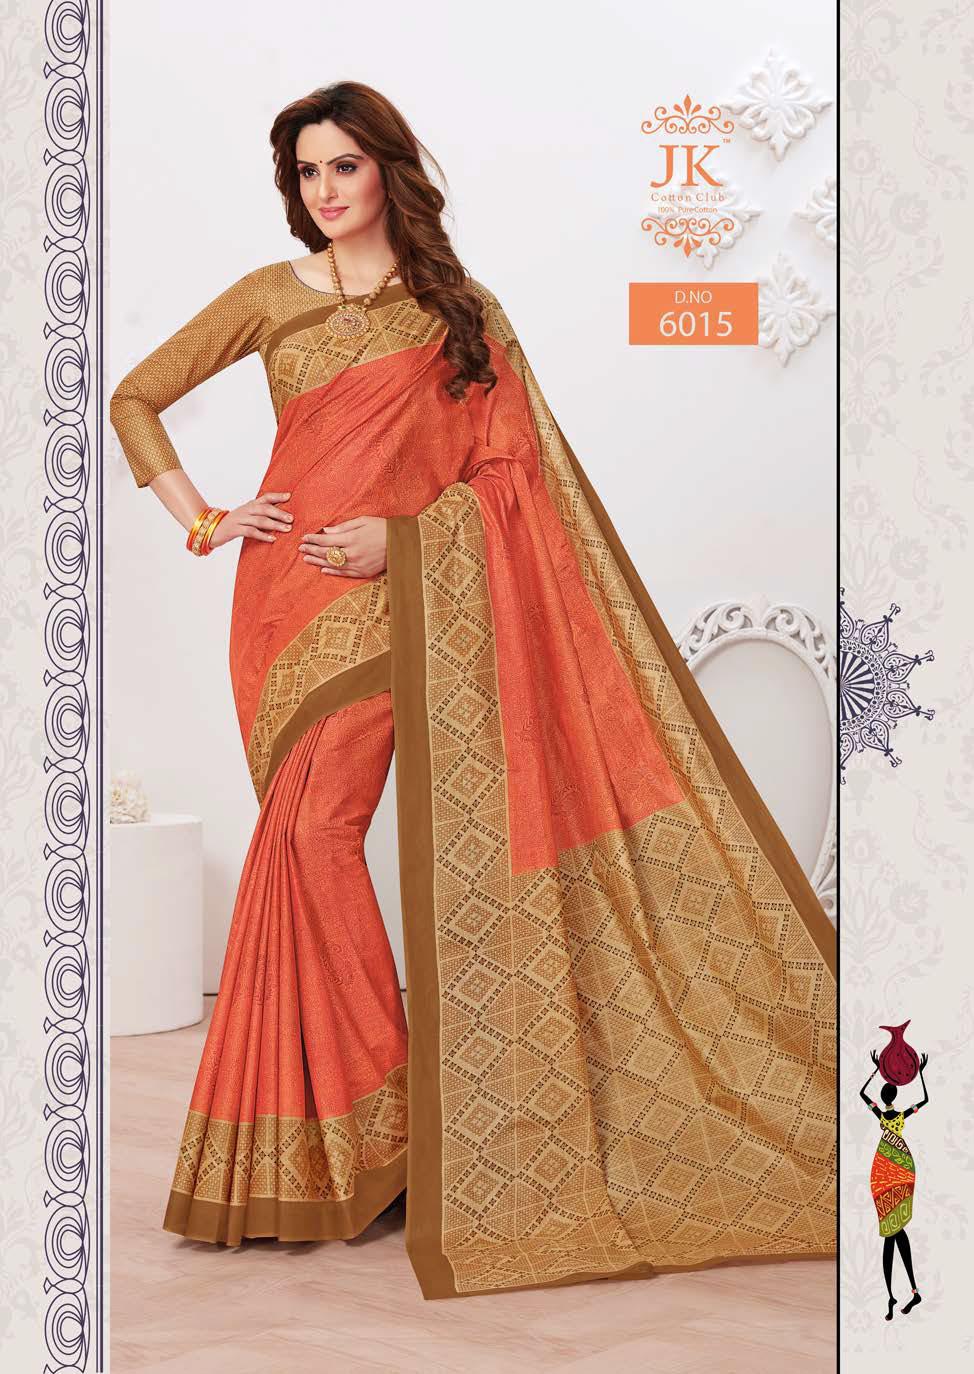 JK Tulsi Vol 6 A Saree Sari Wholesale Catalog 10 Pcs 8 - JK Tulsi Vol 6 A Saree Sari Wholesale Catalog 10 Pcs